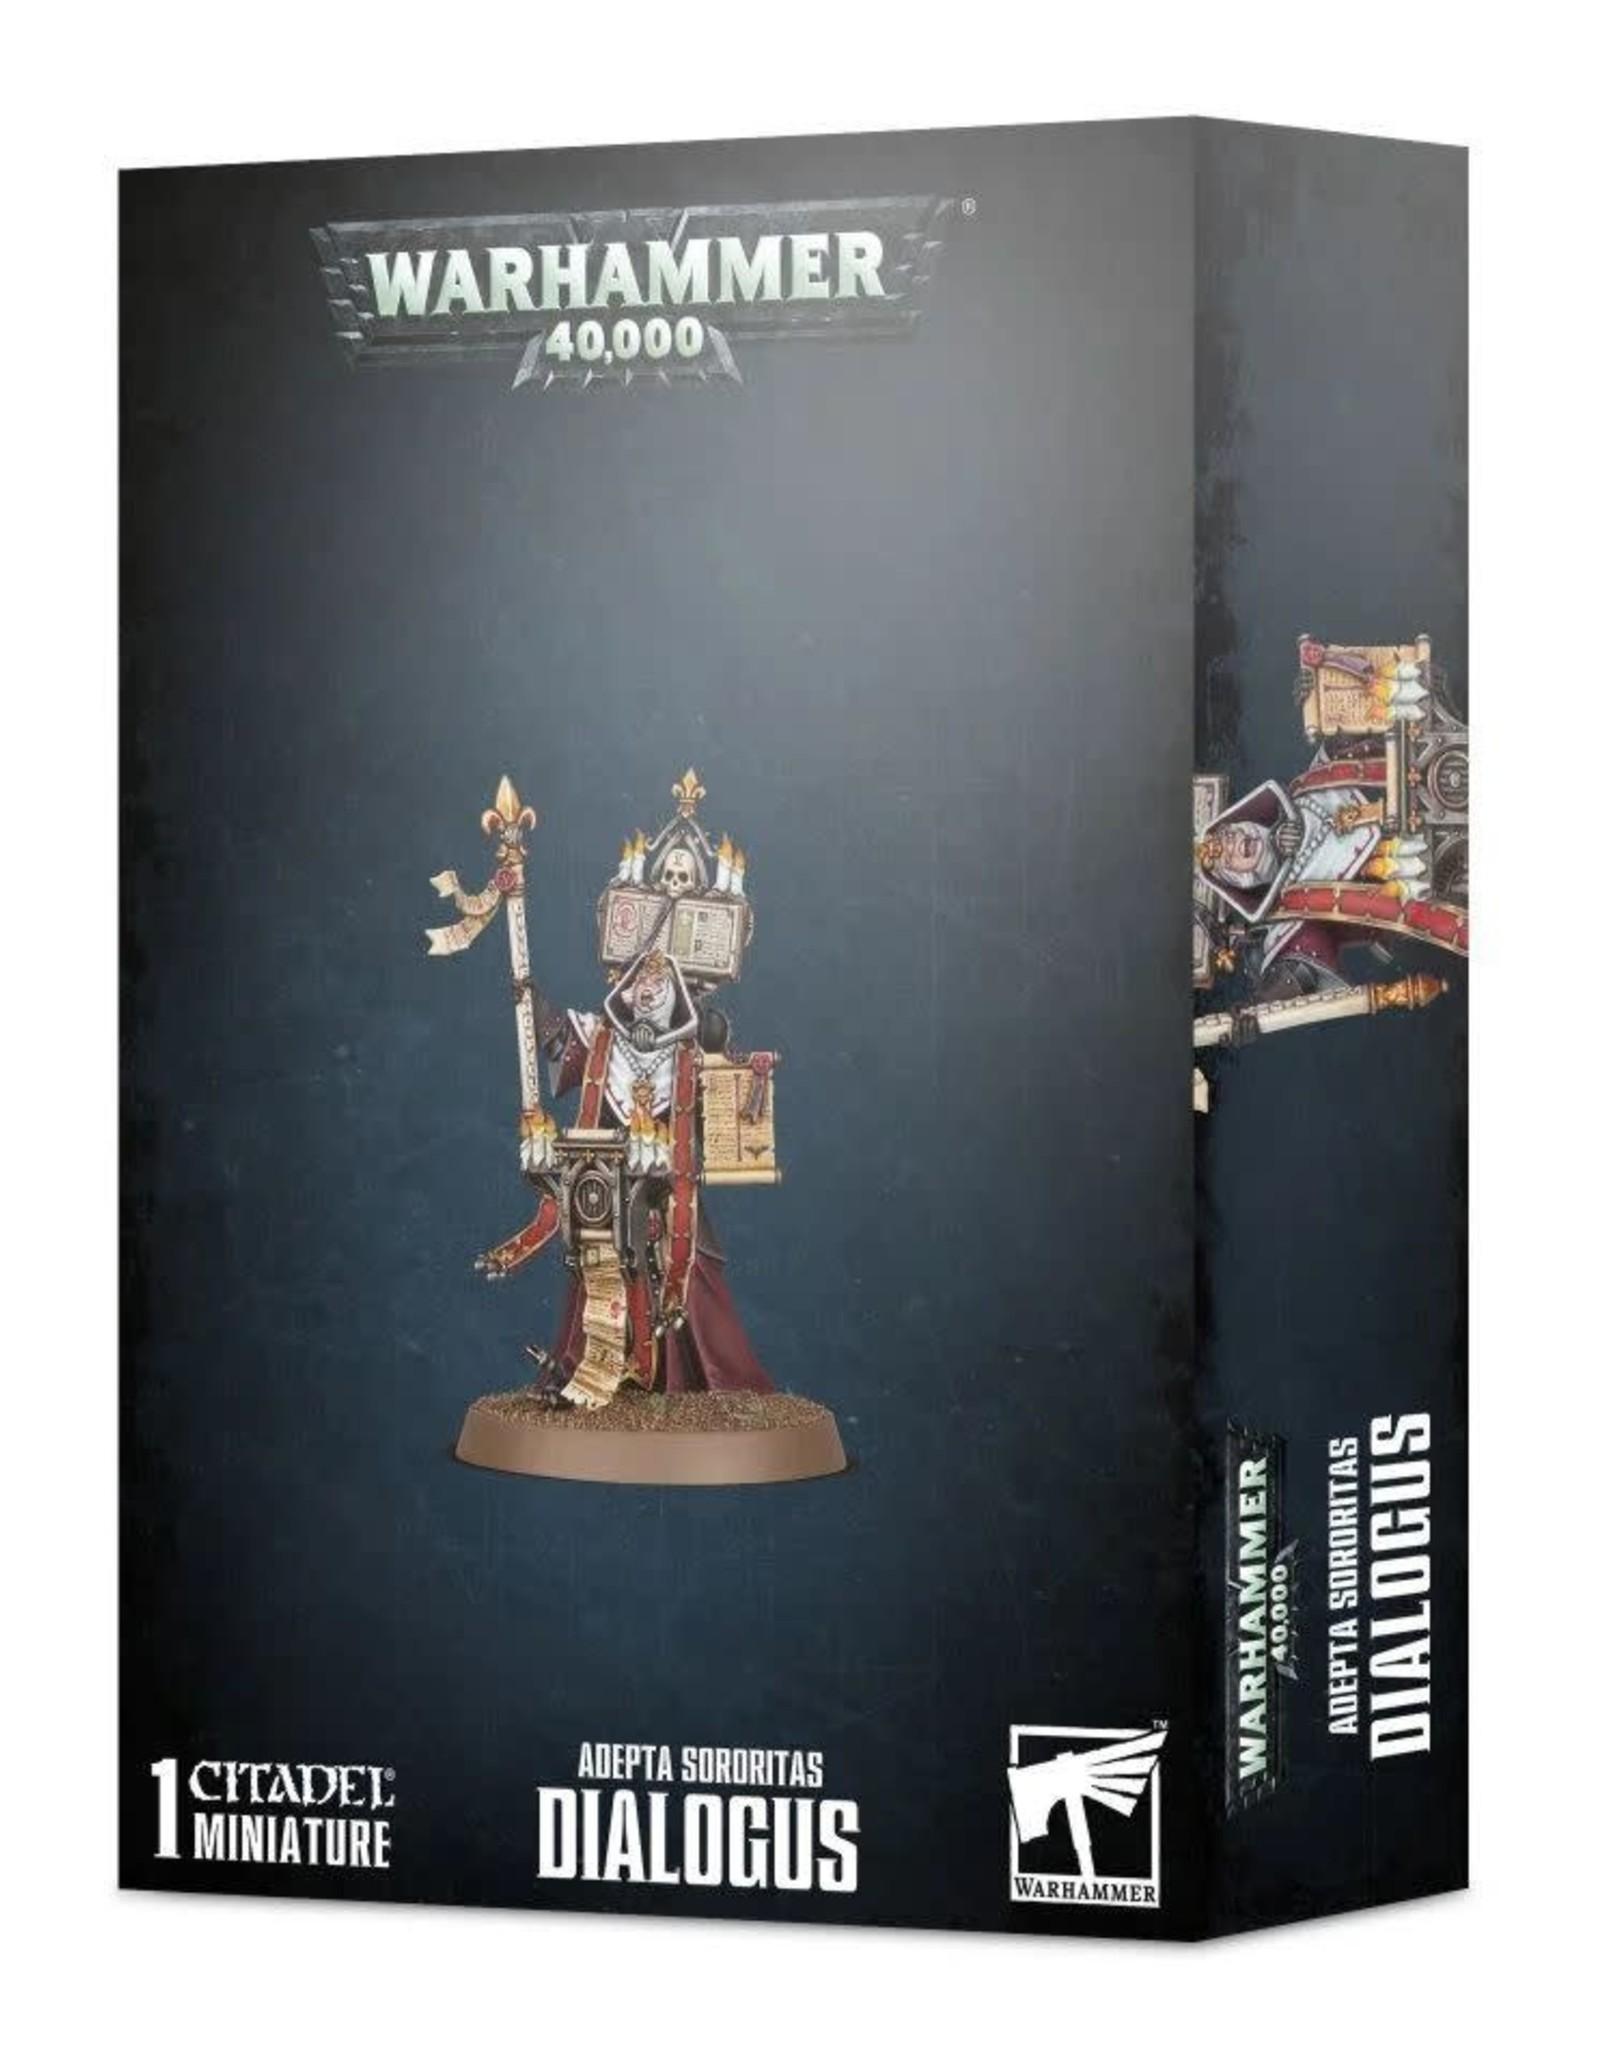 Warhammer 40k Dialogus